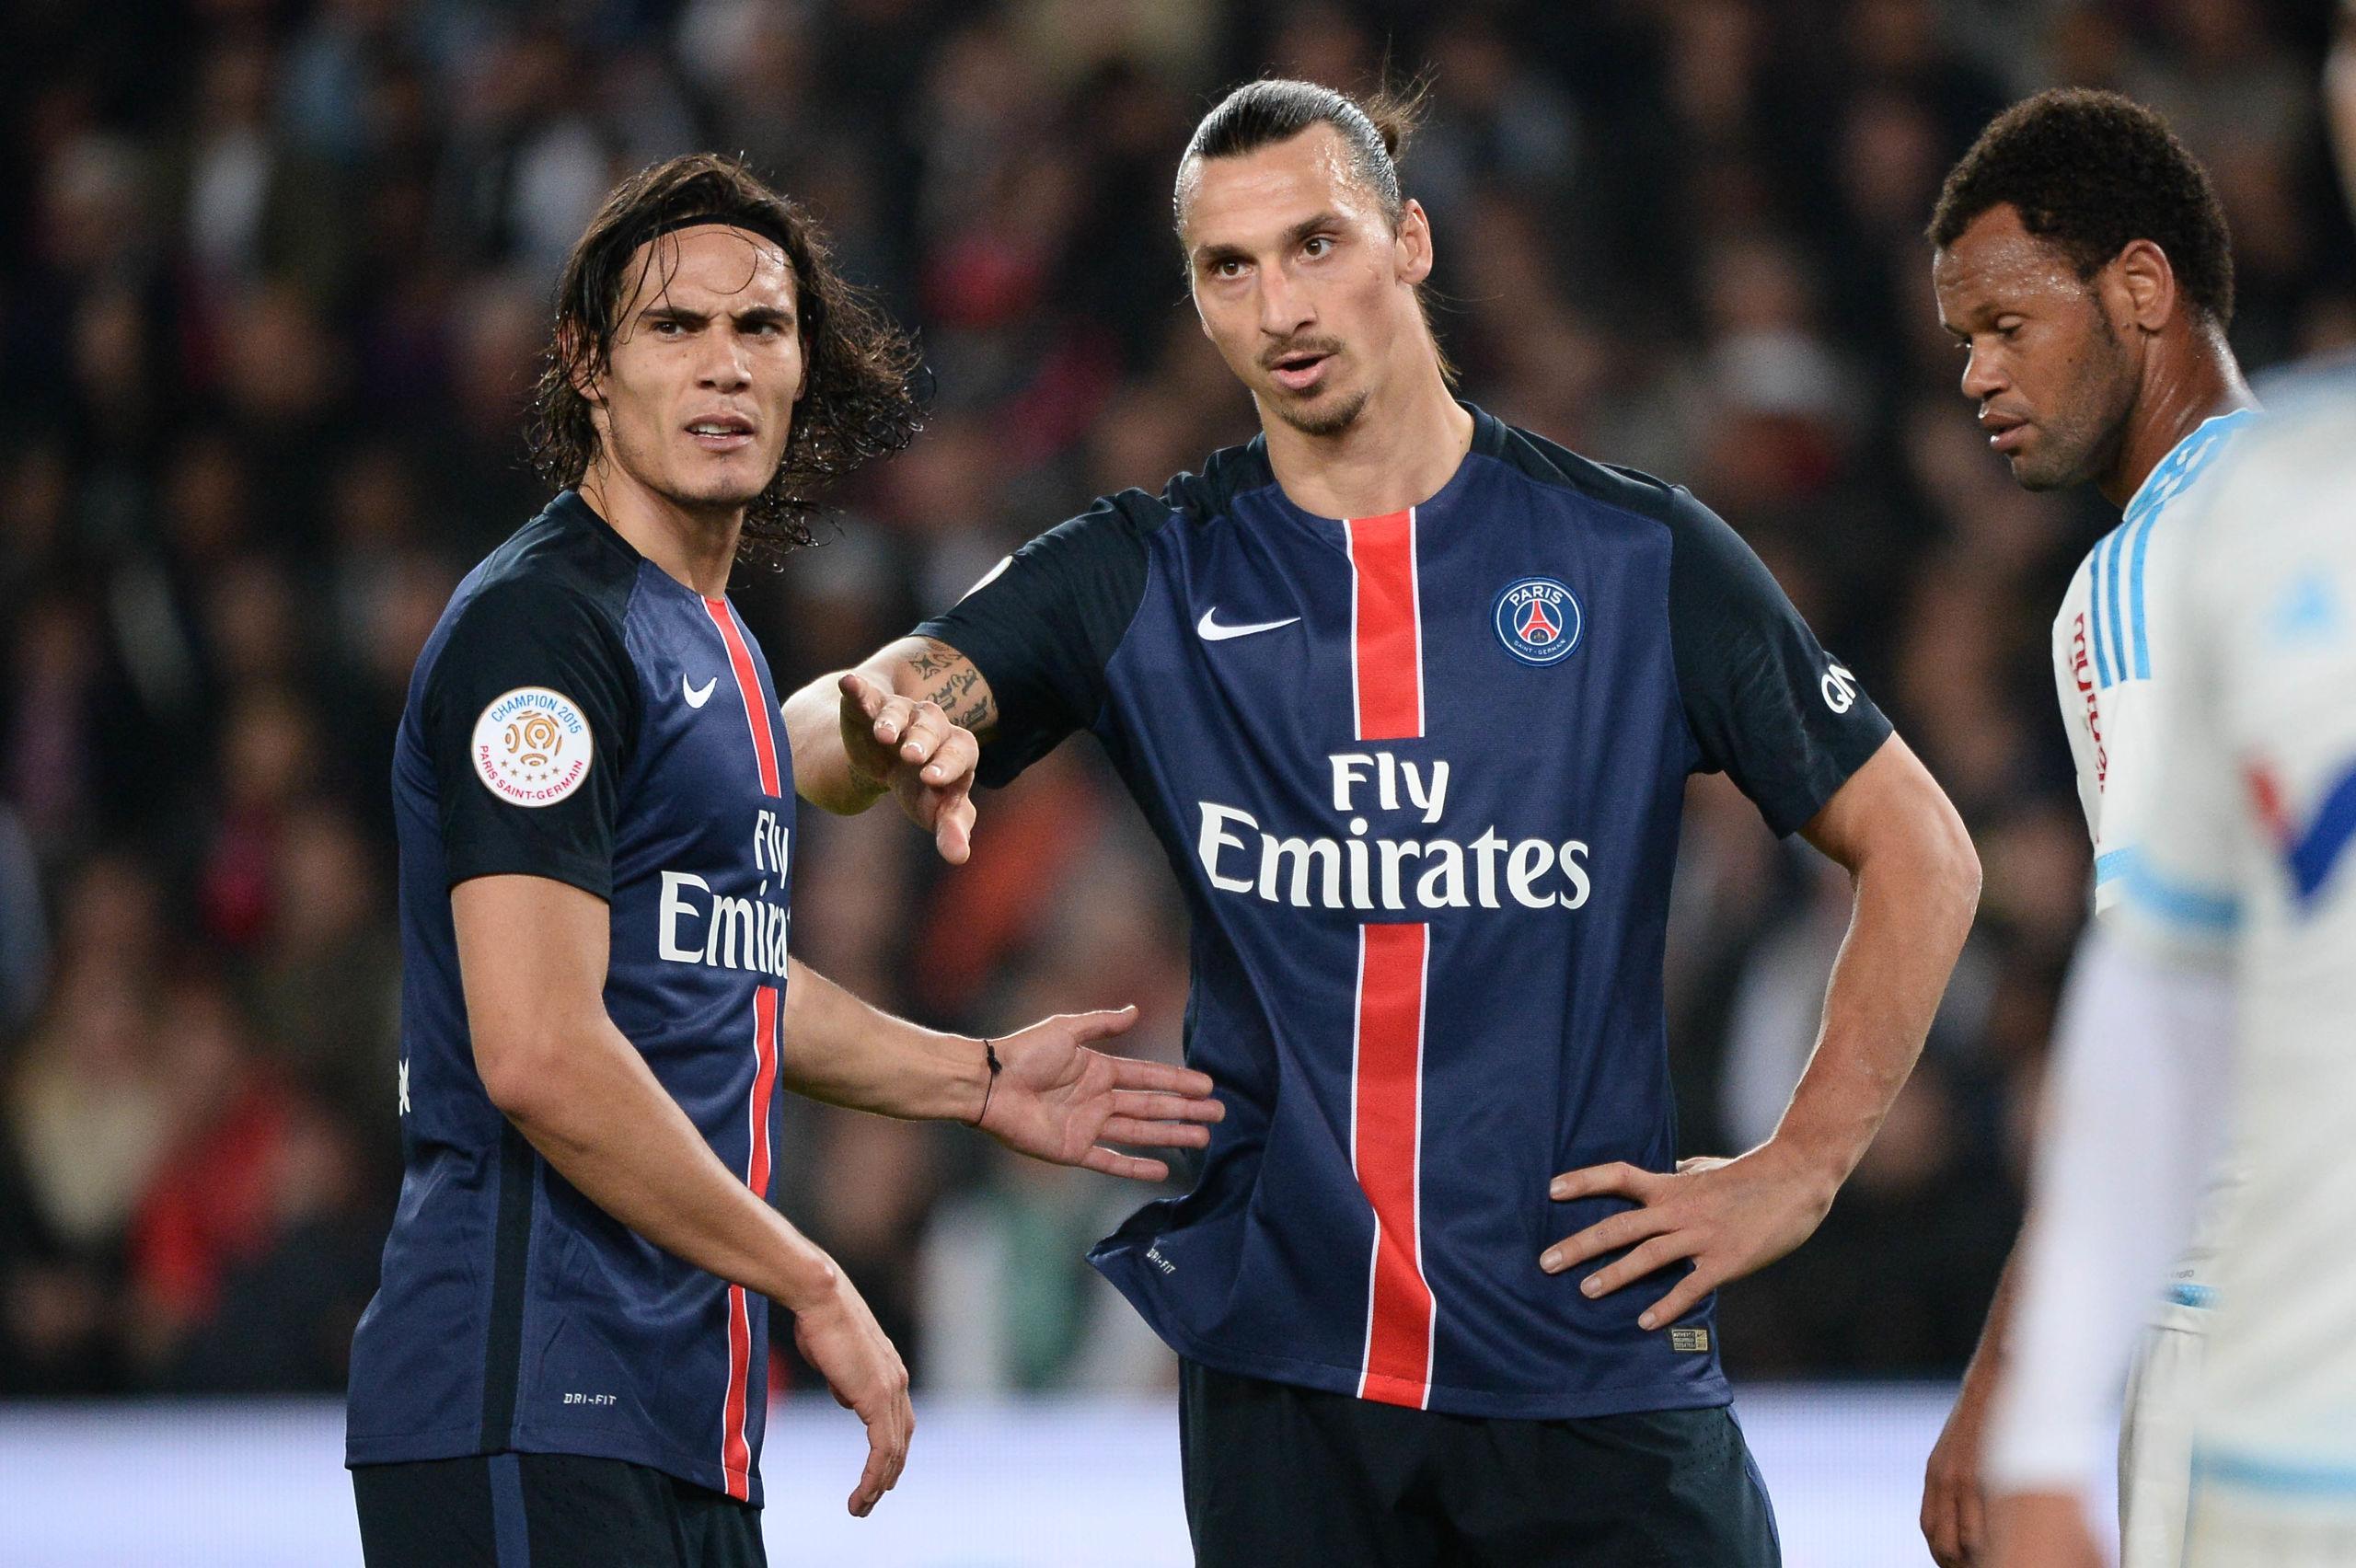 Lagkamraten avslöjar: Zlatan Ibrahimovic hatade Edinson Cavani